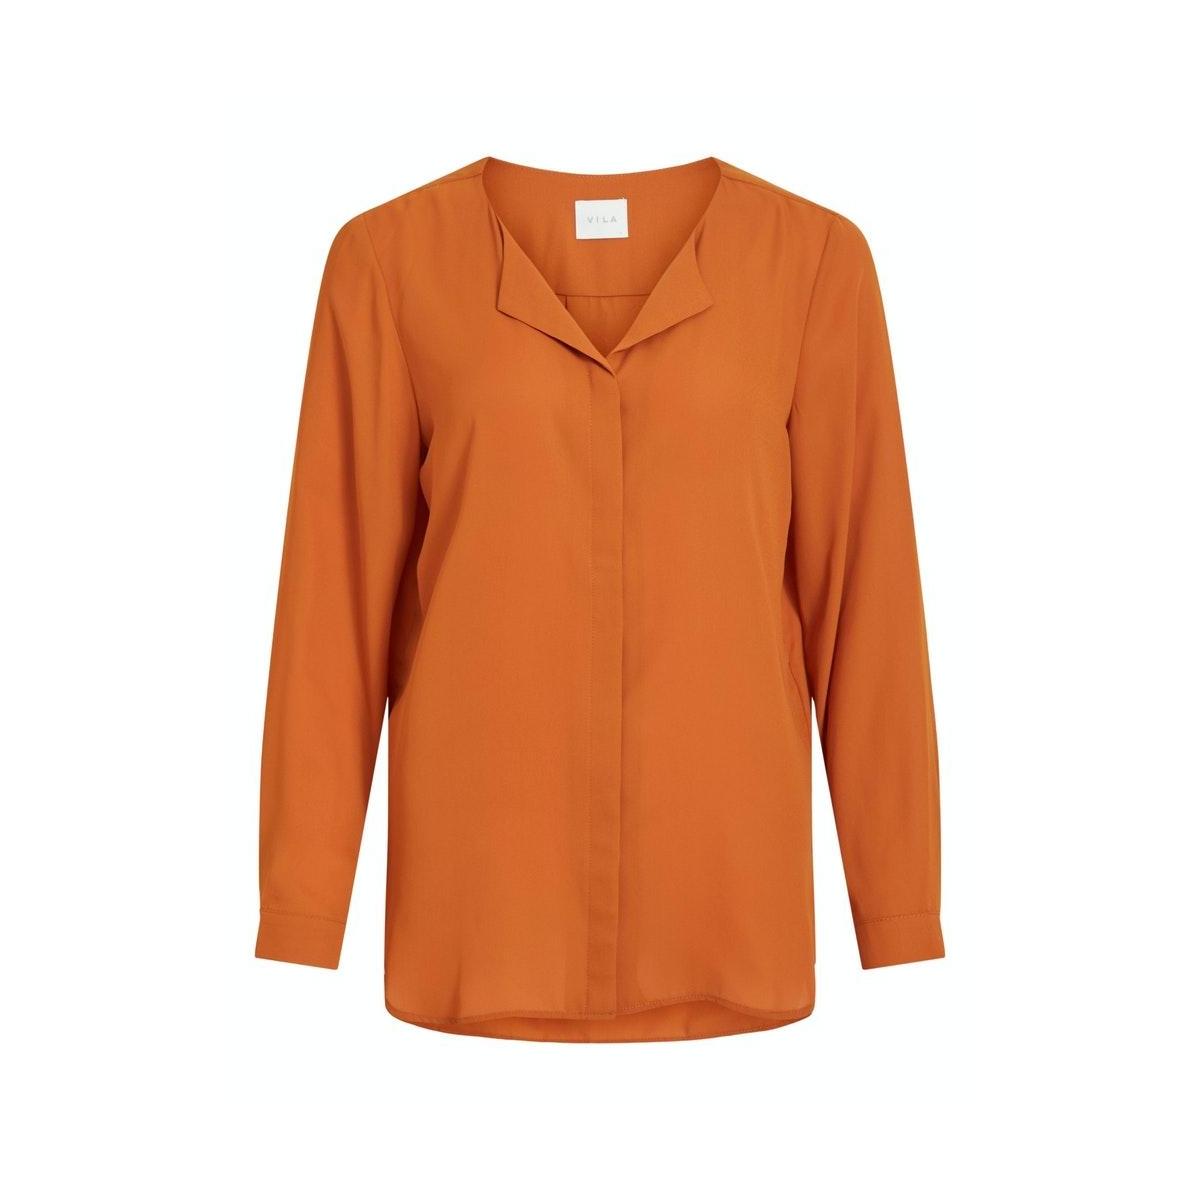 vilucy l/s shirt - noos 14044253 vila blouse pumpkin spice